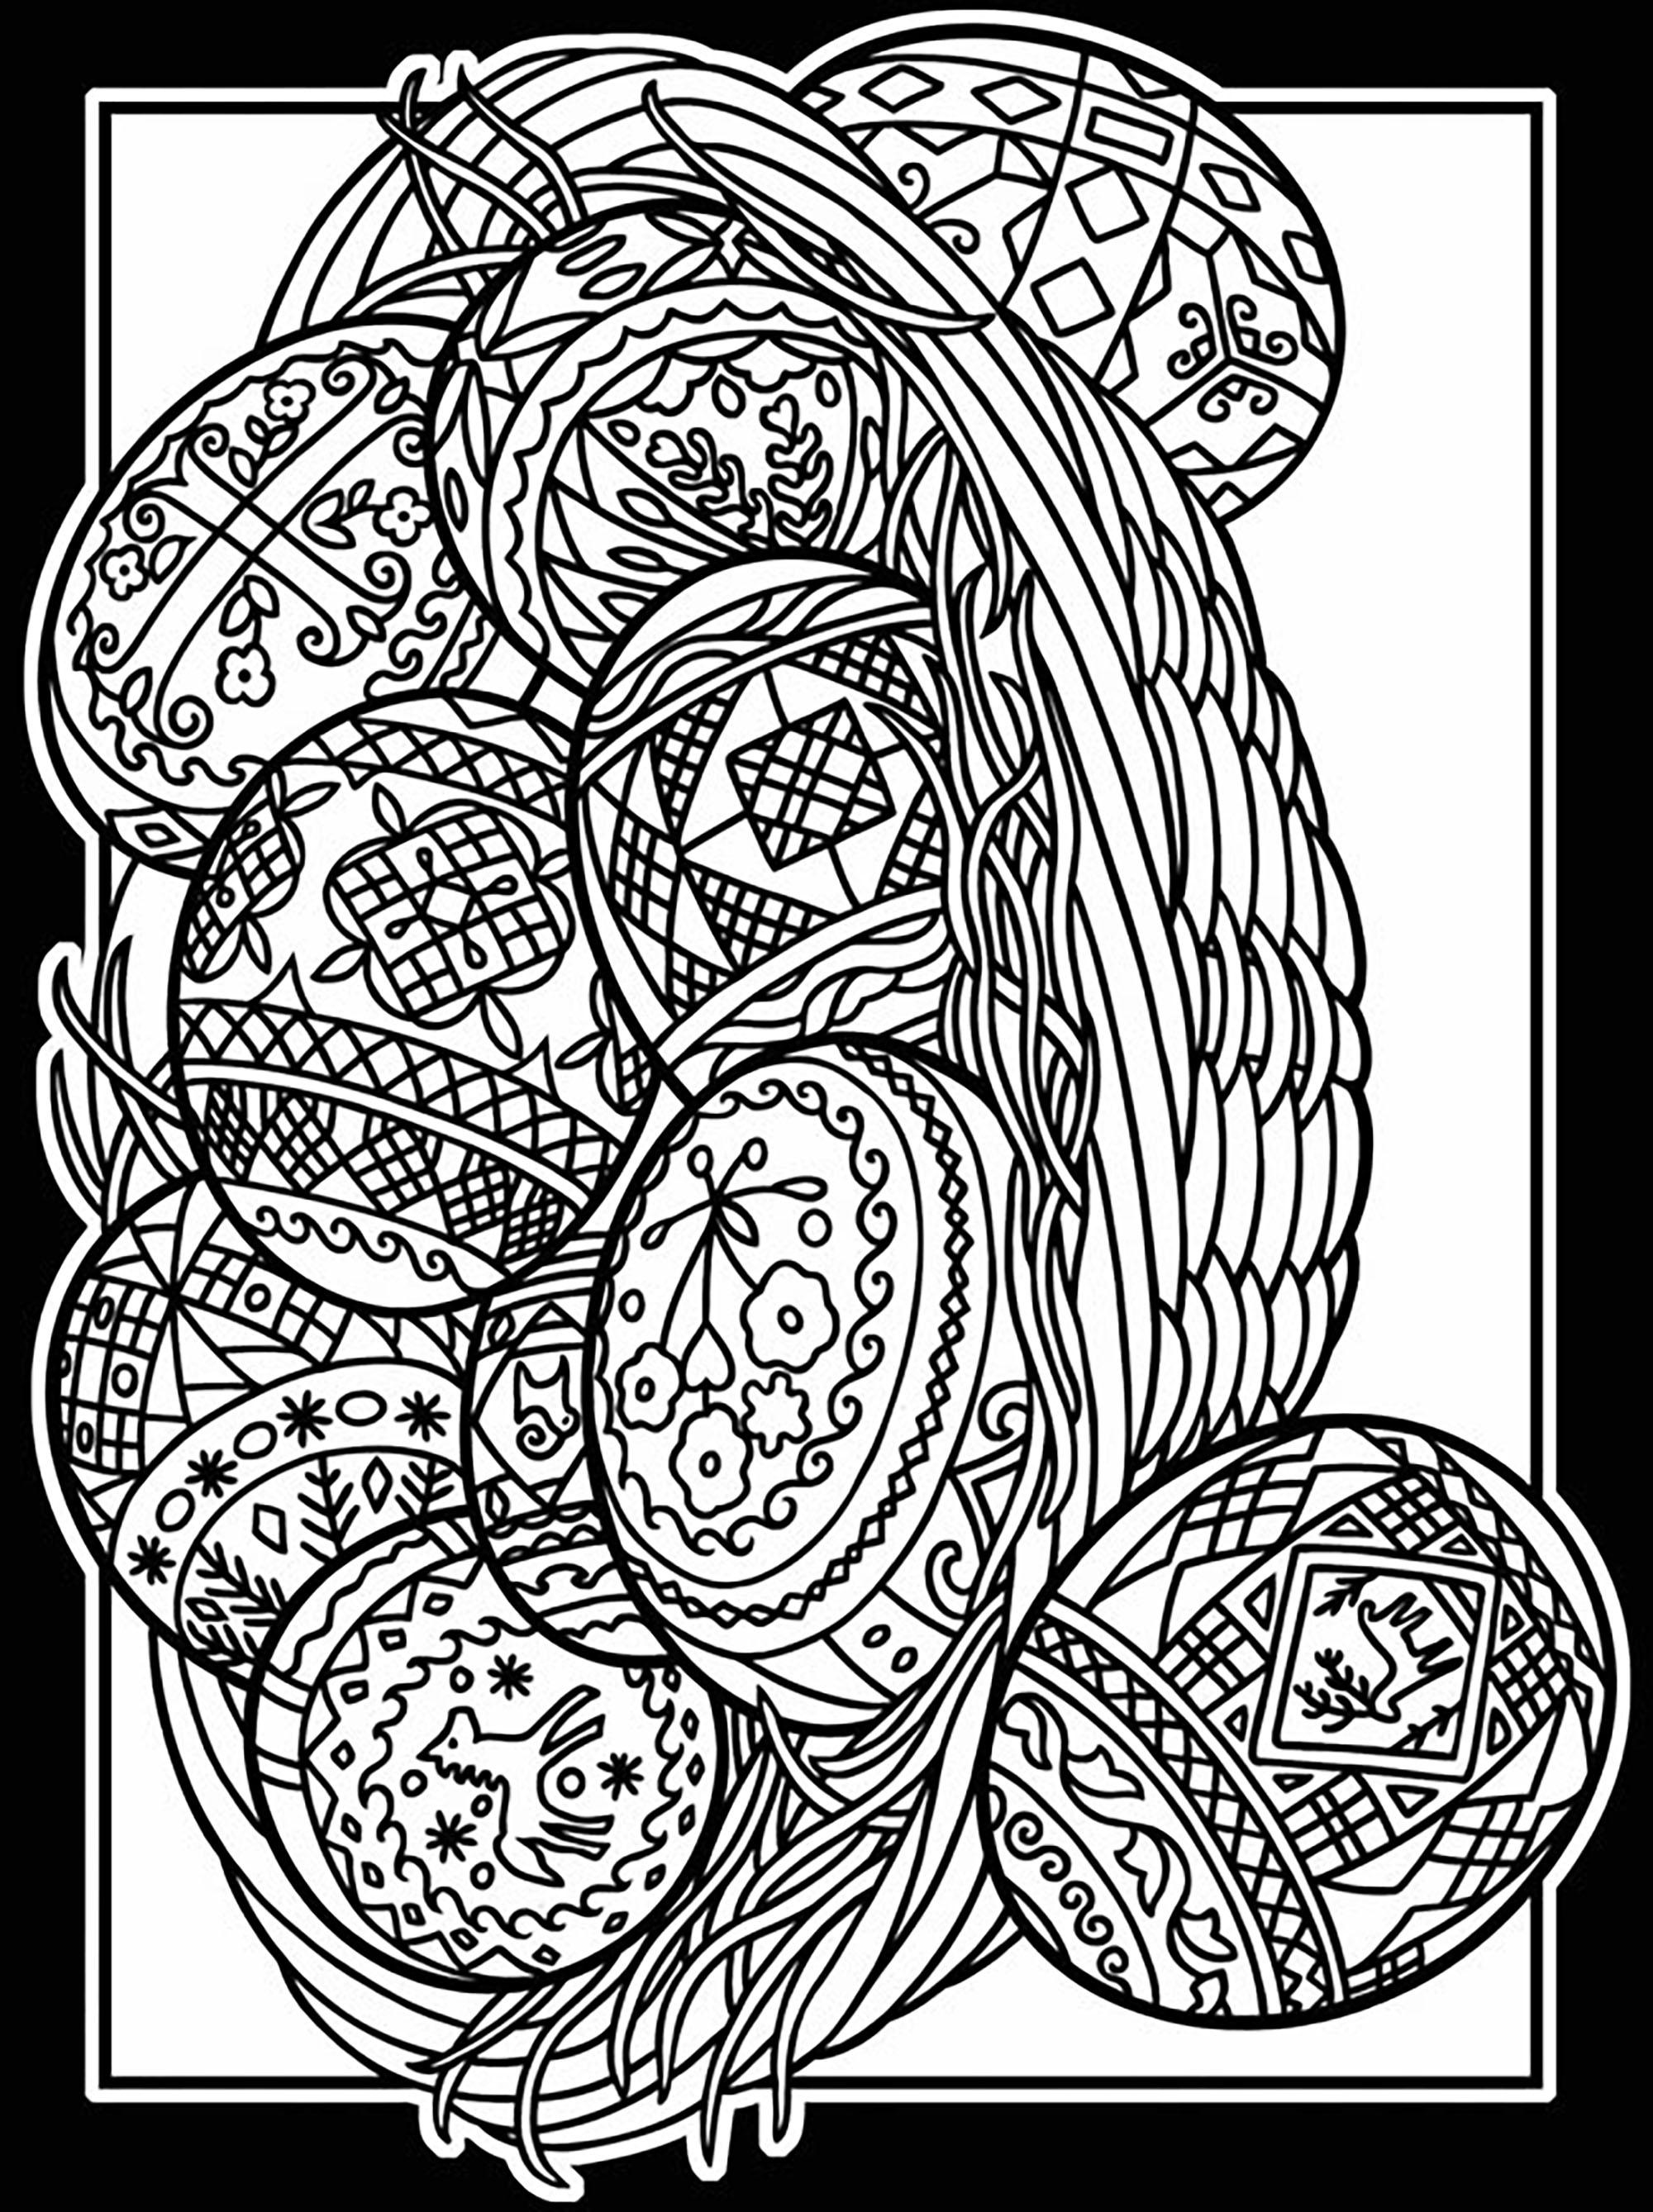 Oeuf de Pâques avec nombreux motifs élégants